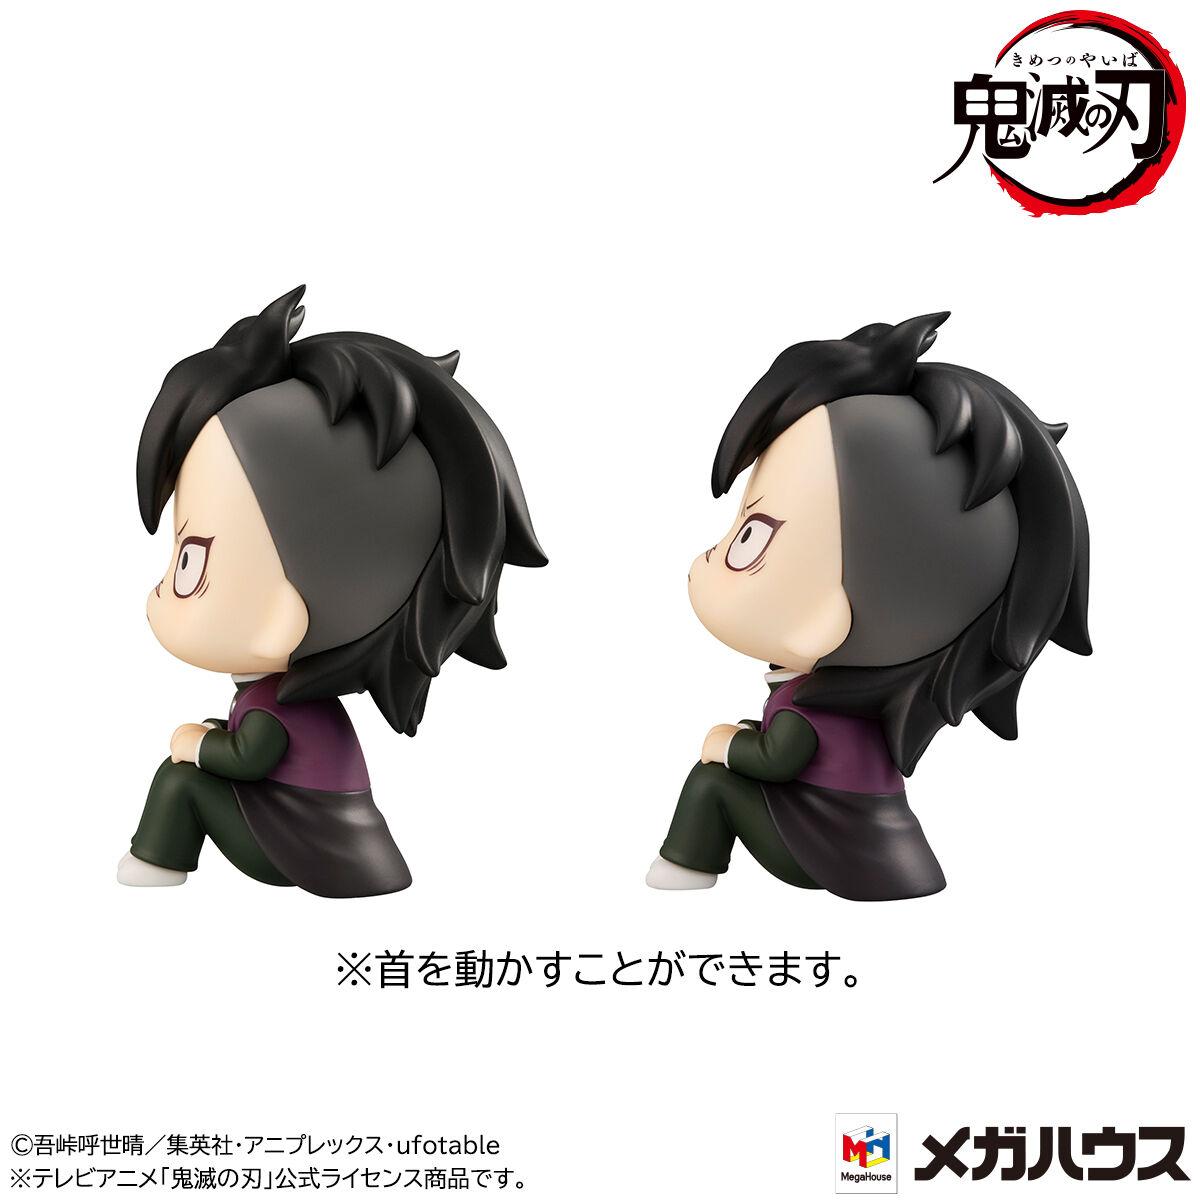 るかっぷ『玄弥』鬼滅の刃 デフォルメ完成品フィギュア-006